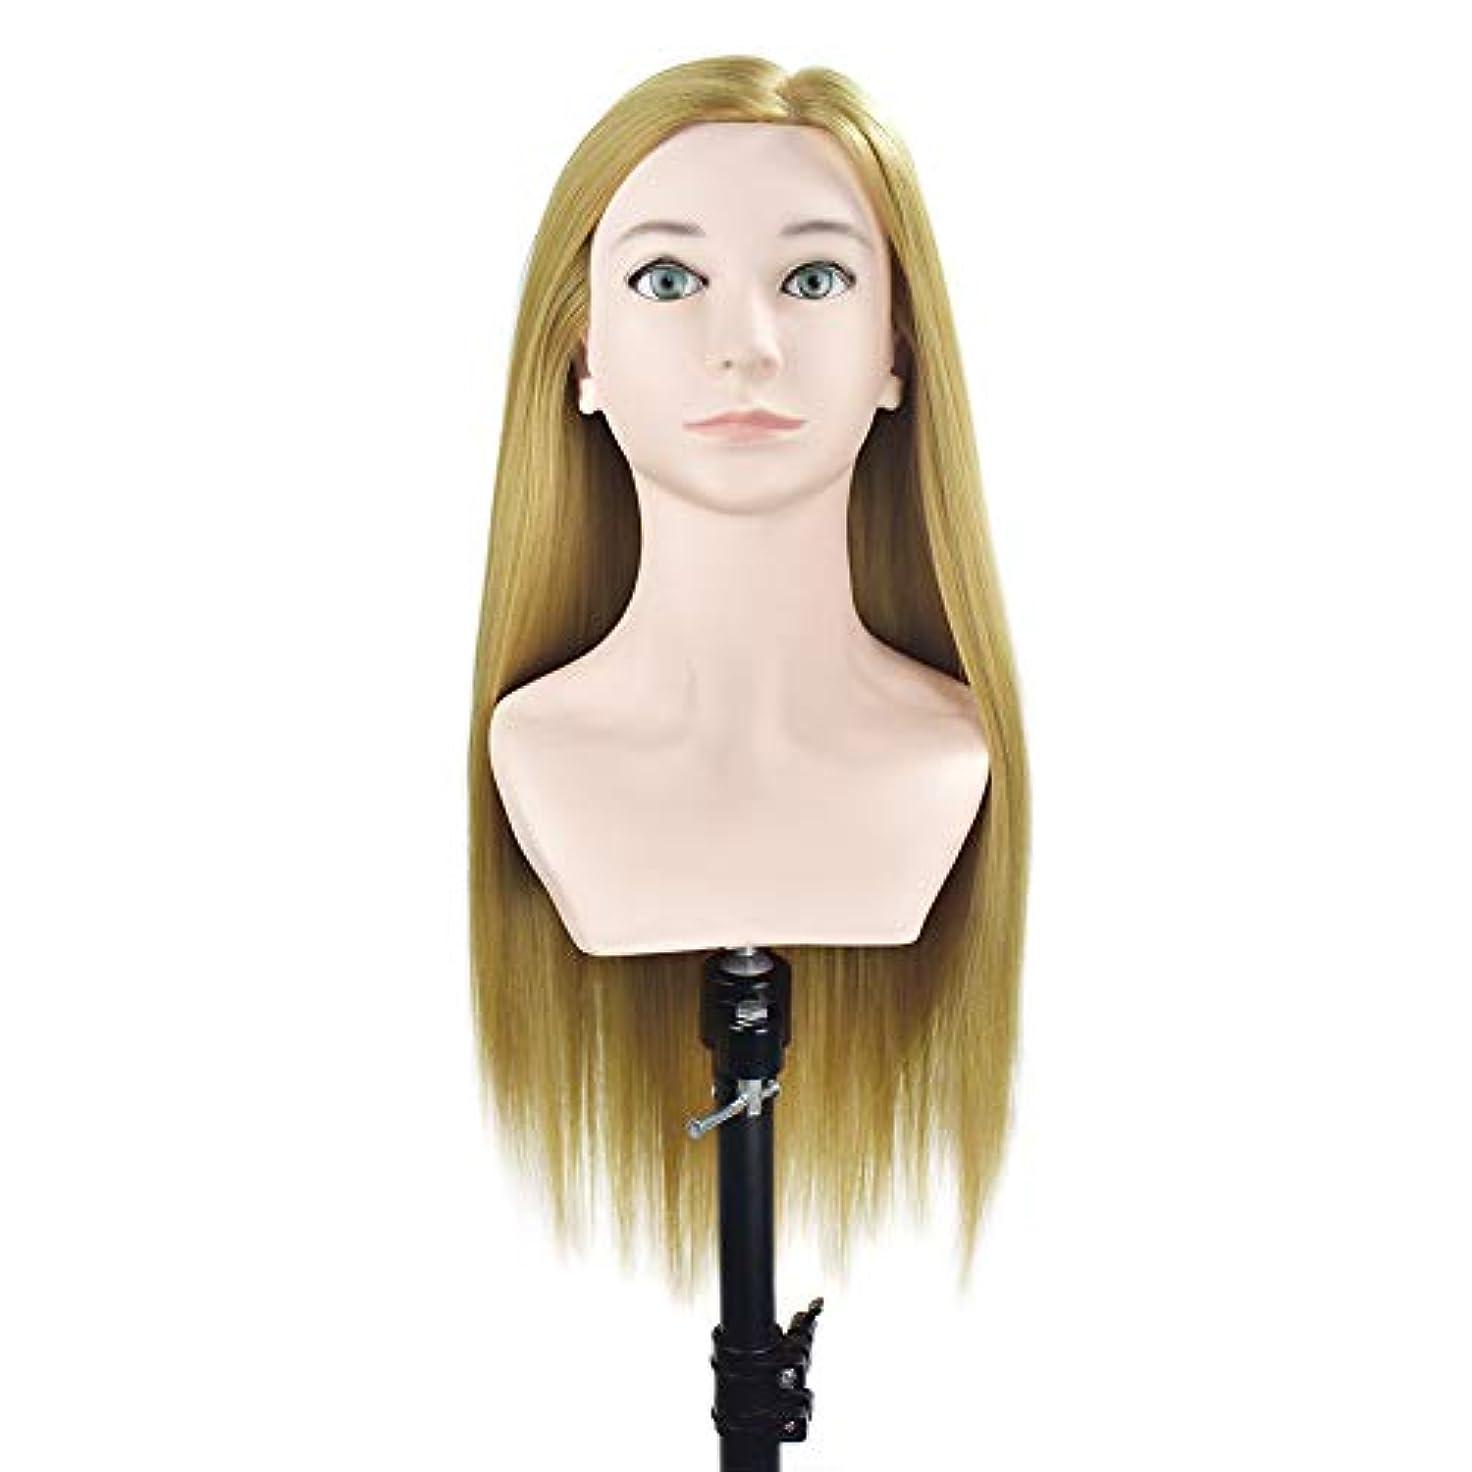 位置づける先駆者残酷なサロンの髪の編み物の美容指導の頭スタイリングのヘアカットのダミーヘッドのメイク肩の学習マネキンの頭